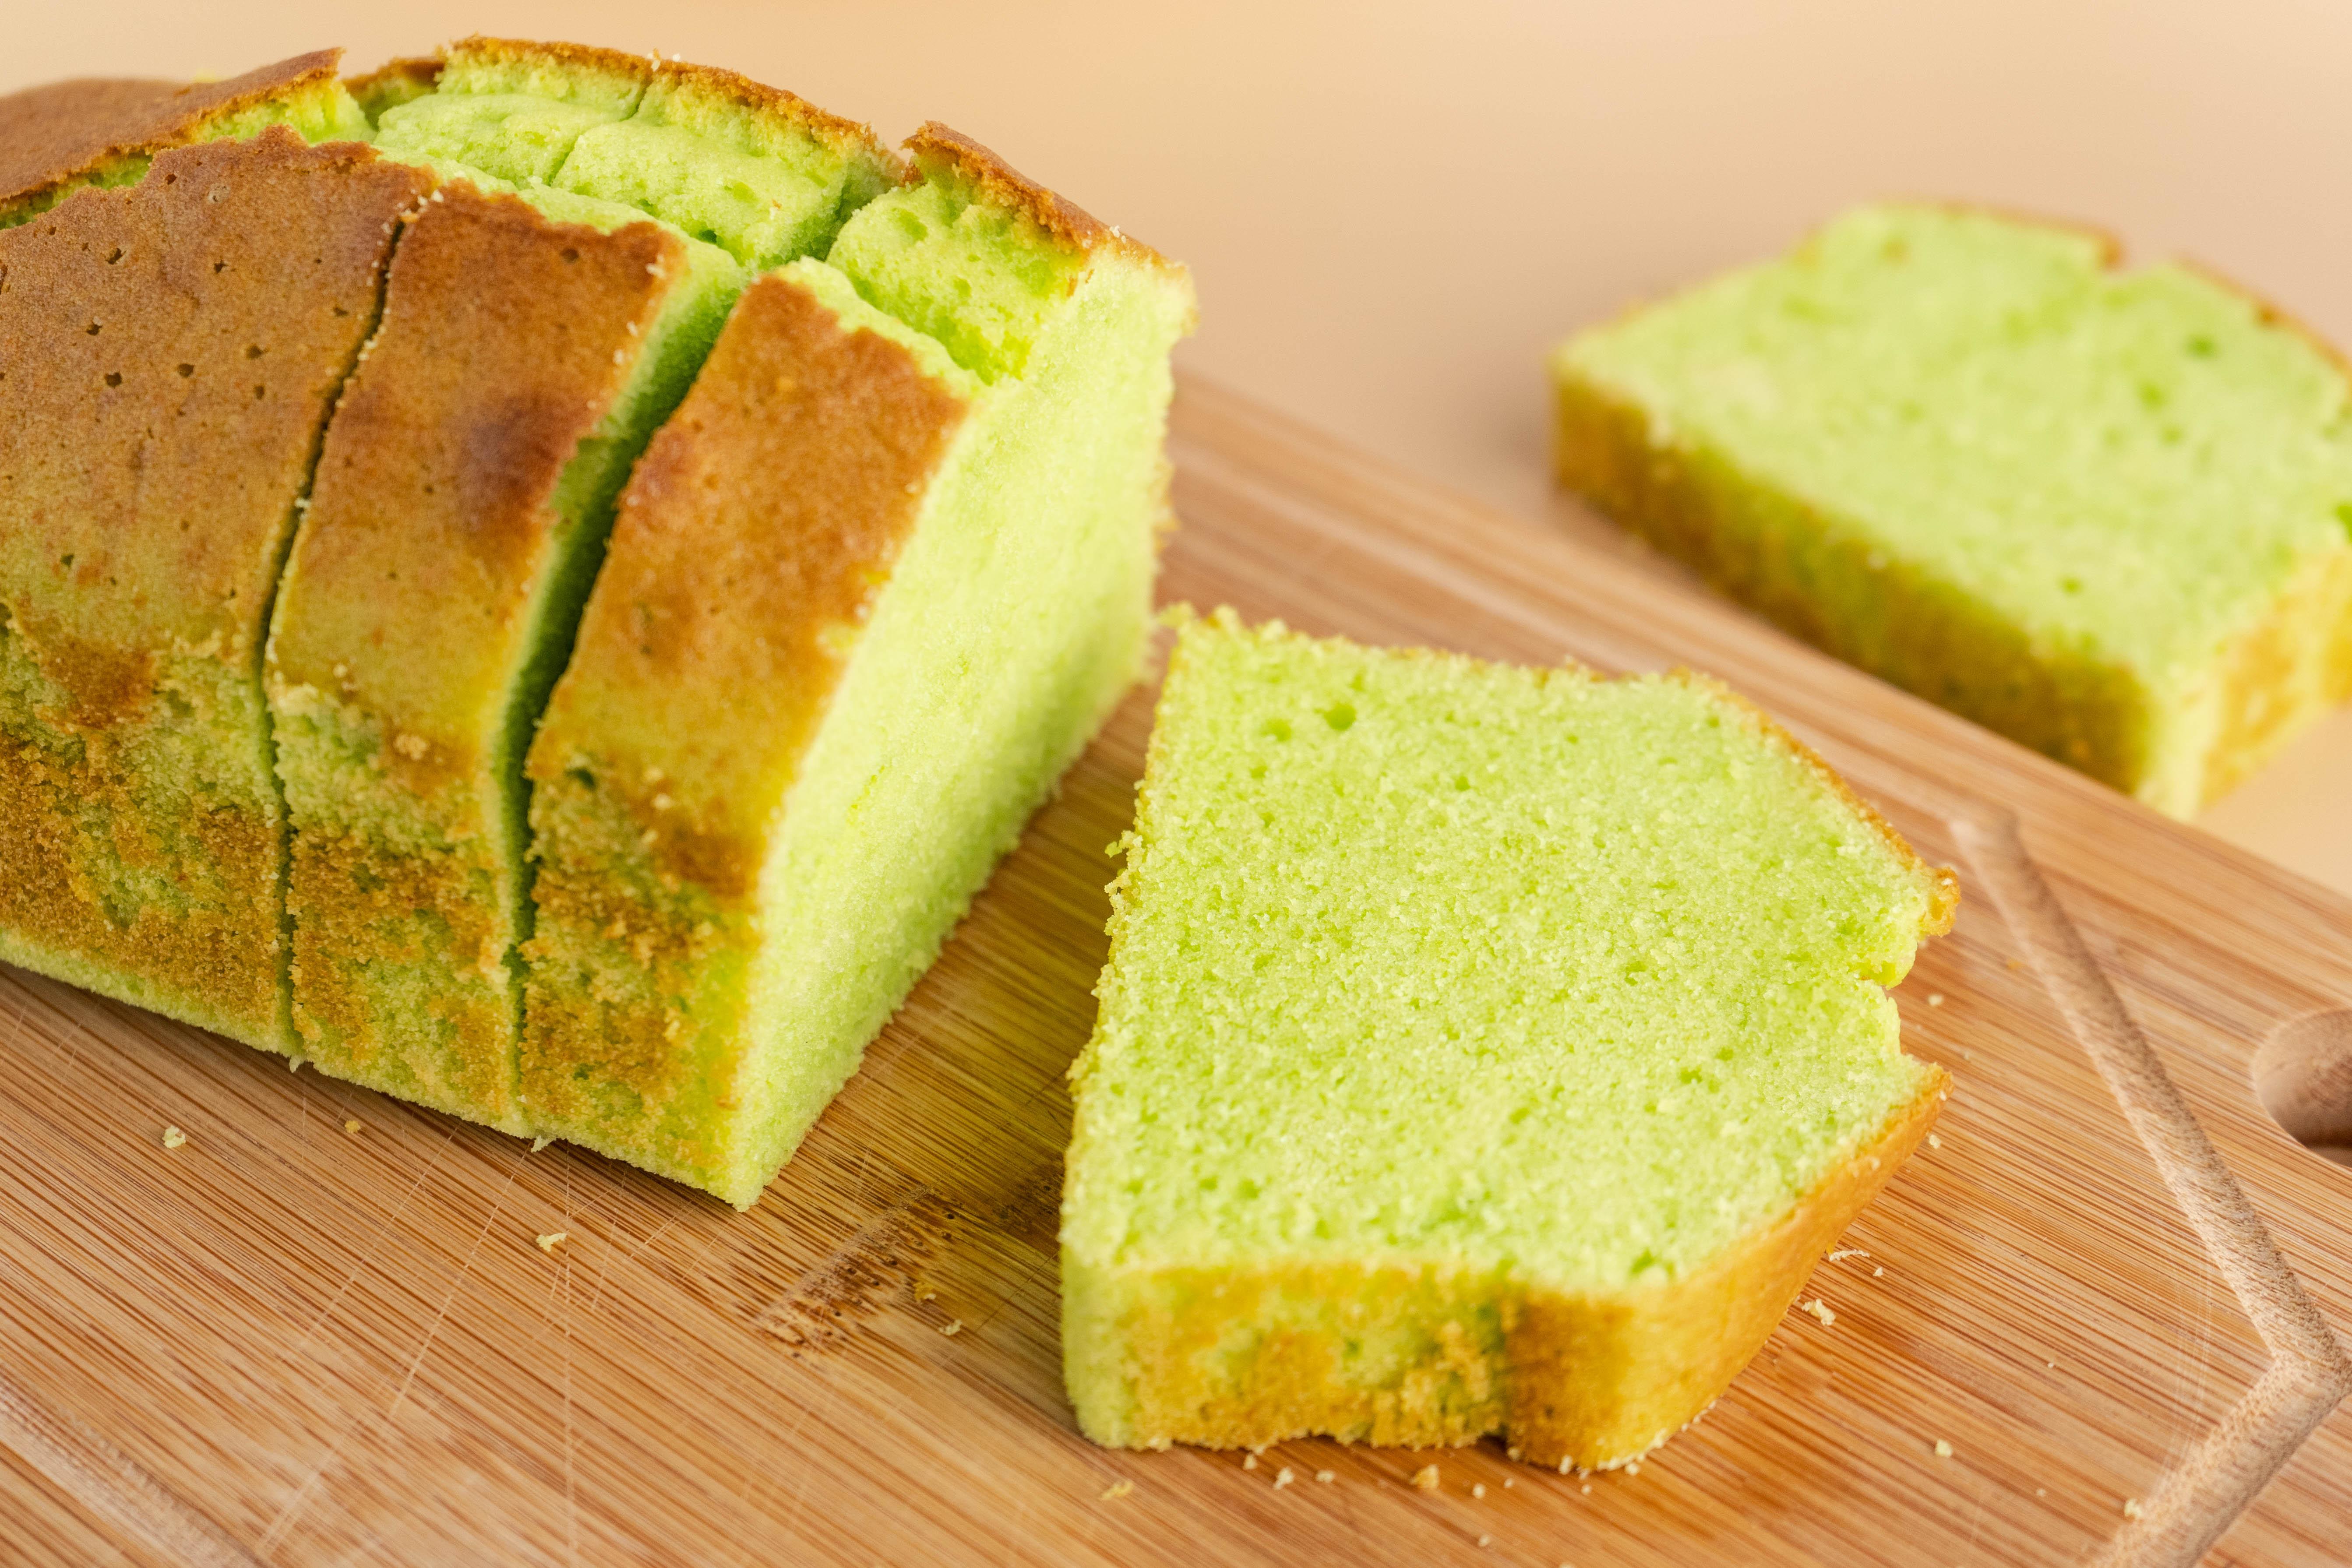 840x560-Pandan-Butter-Cake